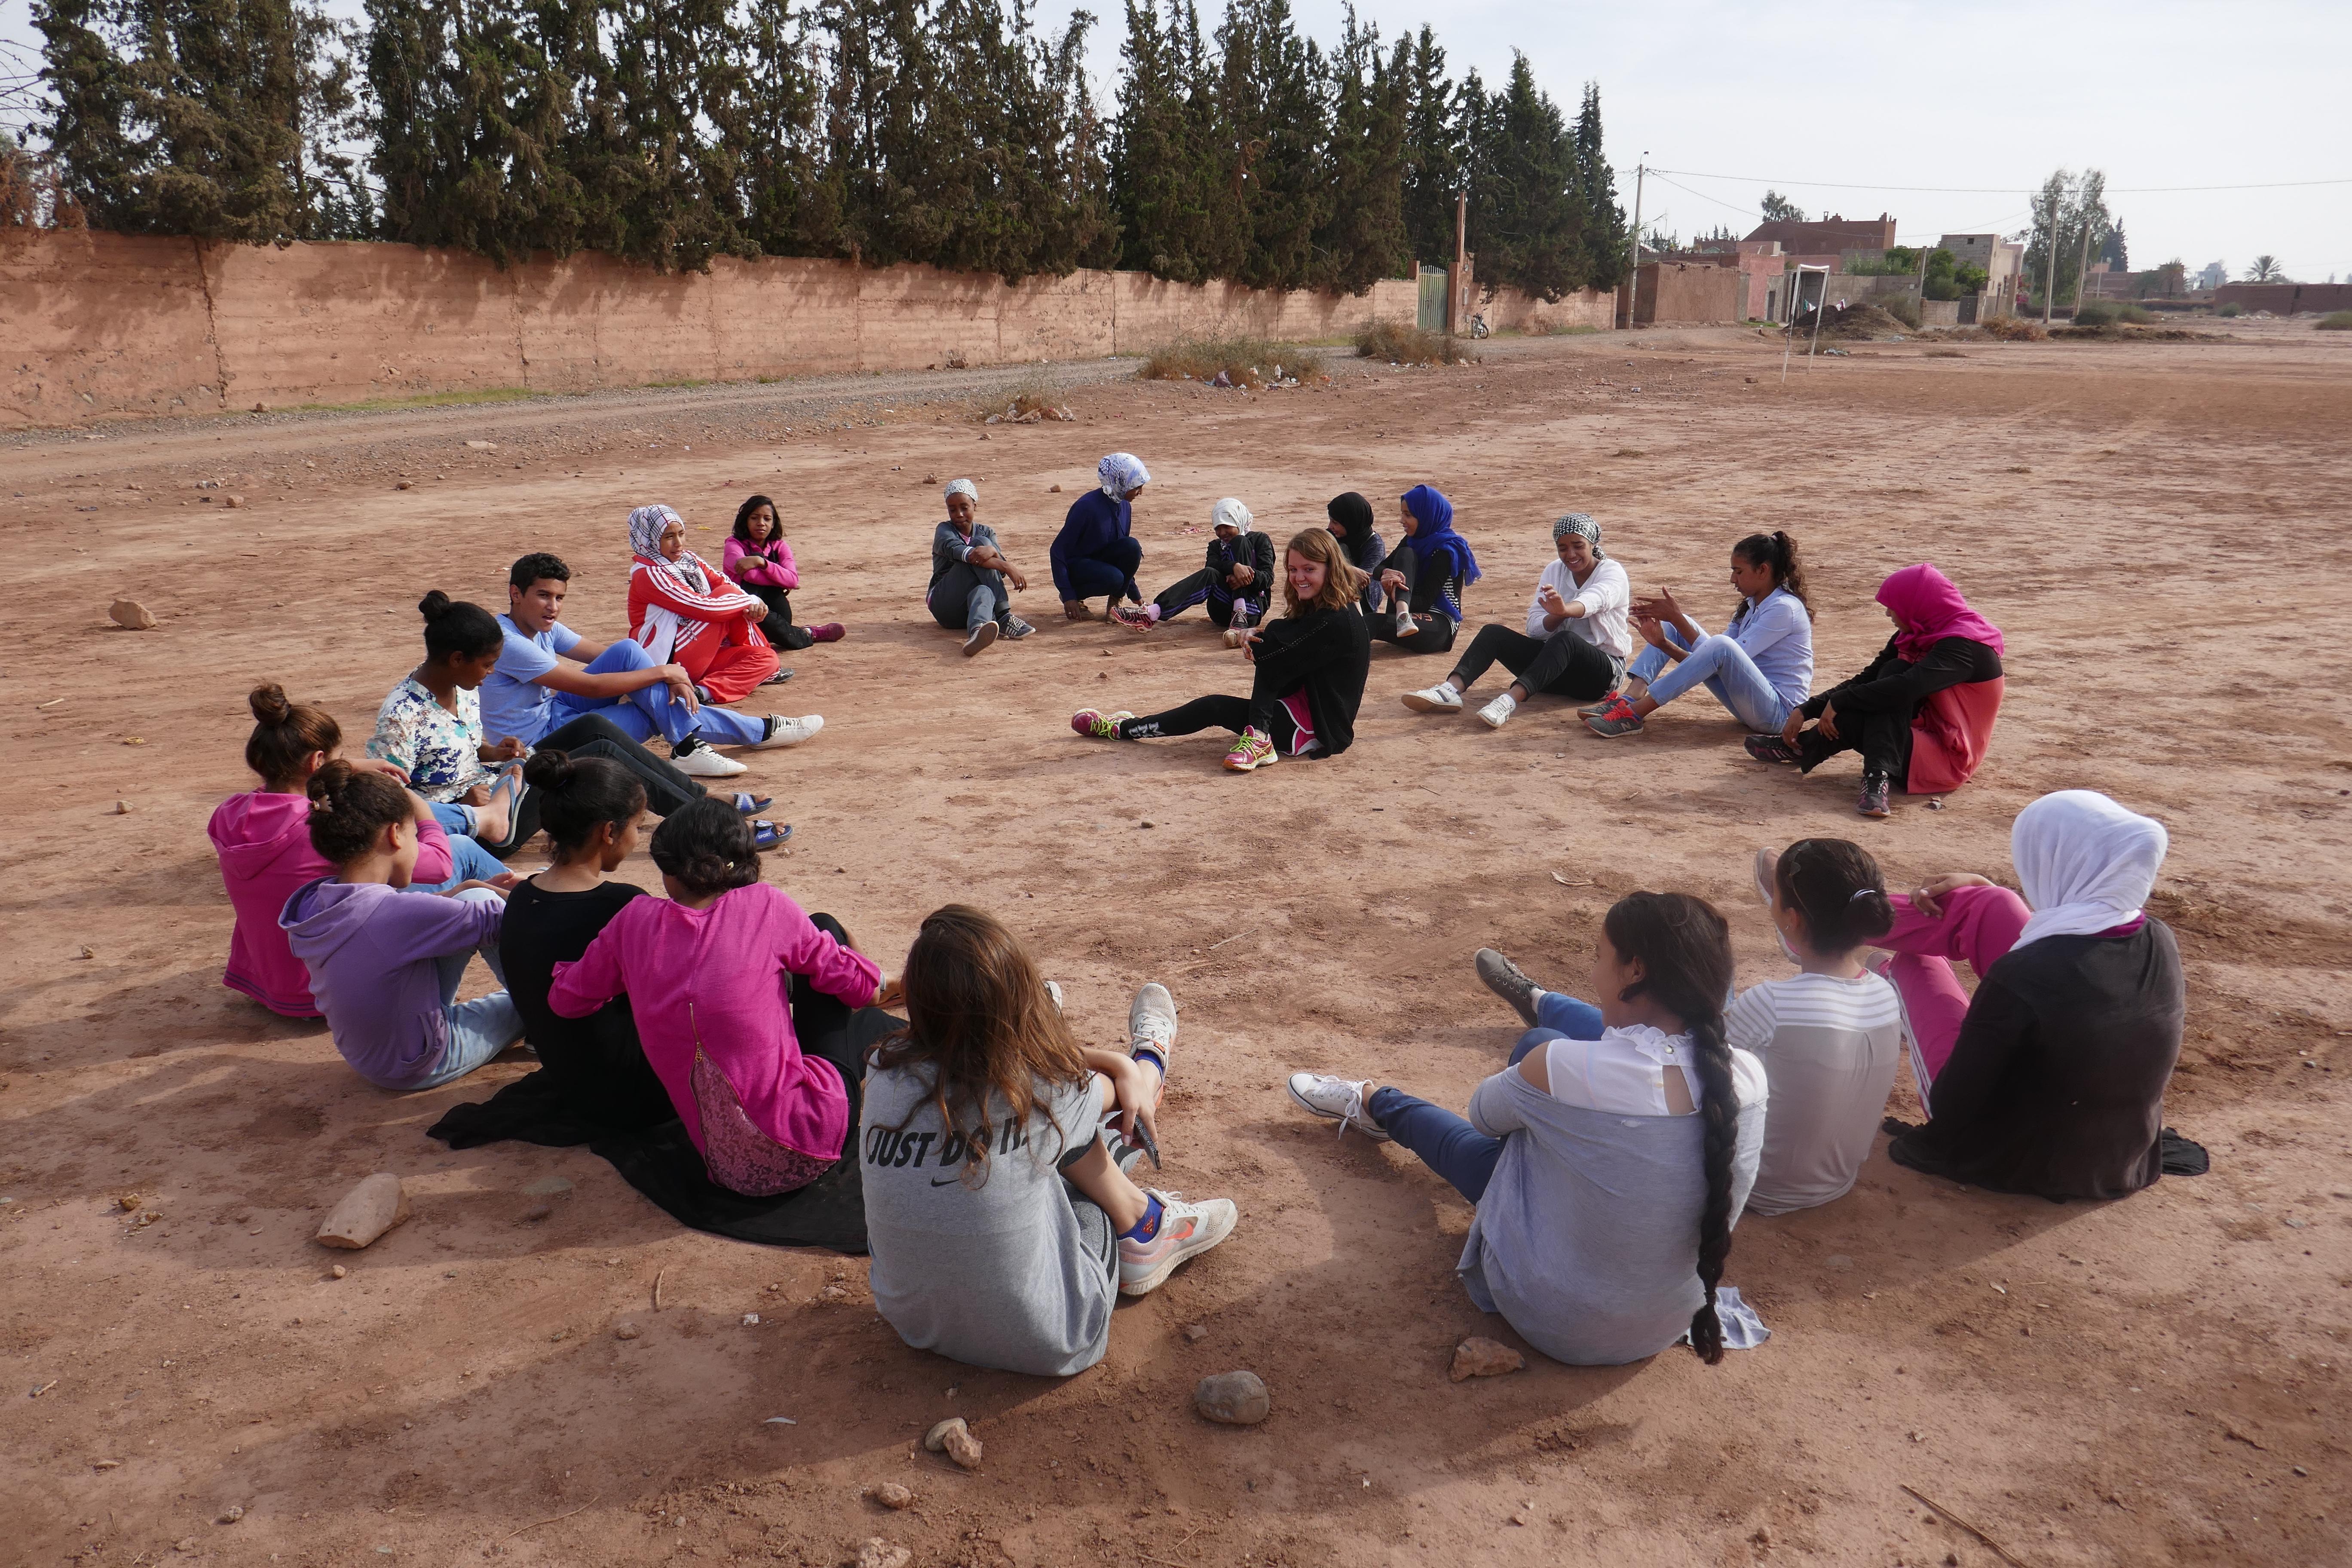 Project Soar in Morocco